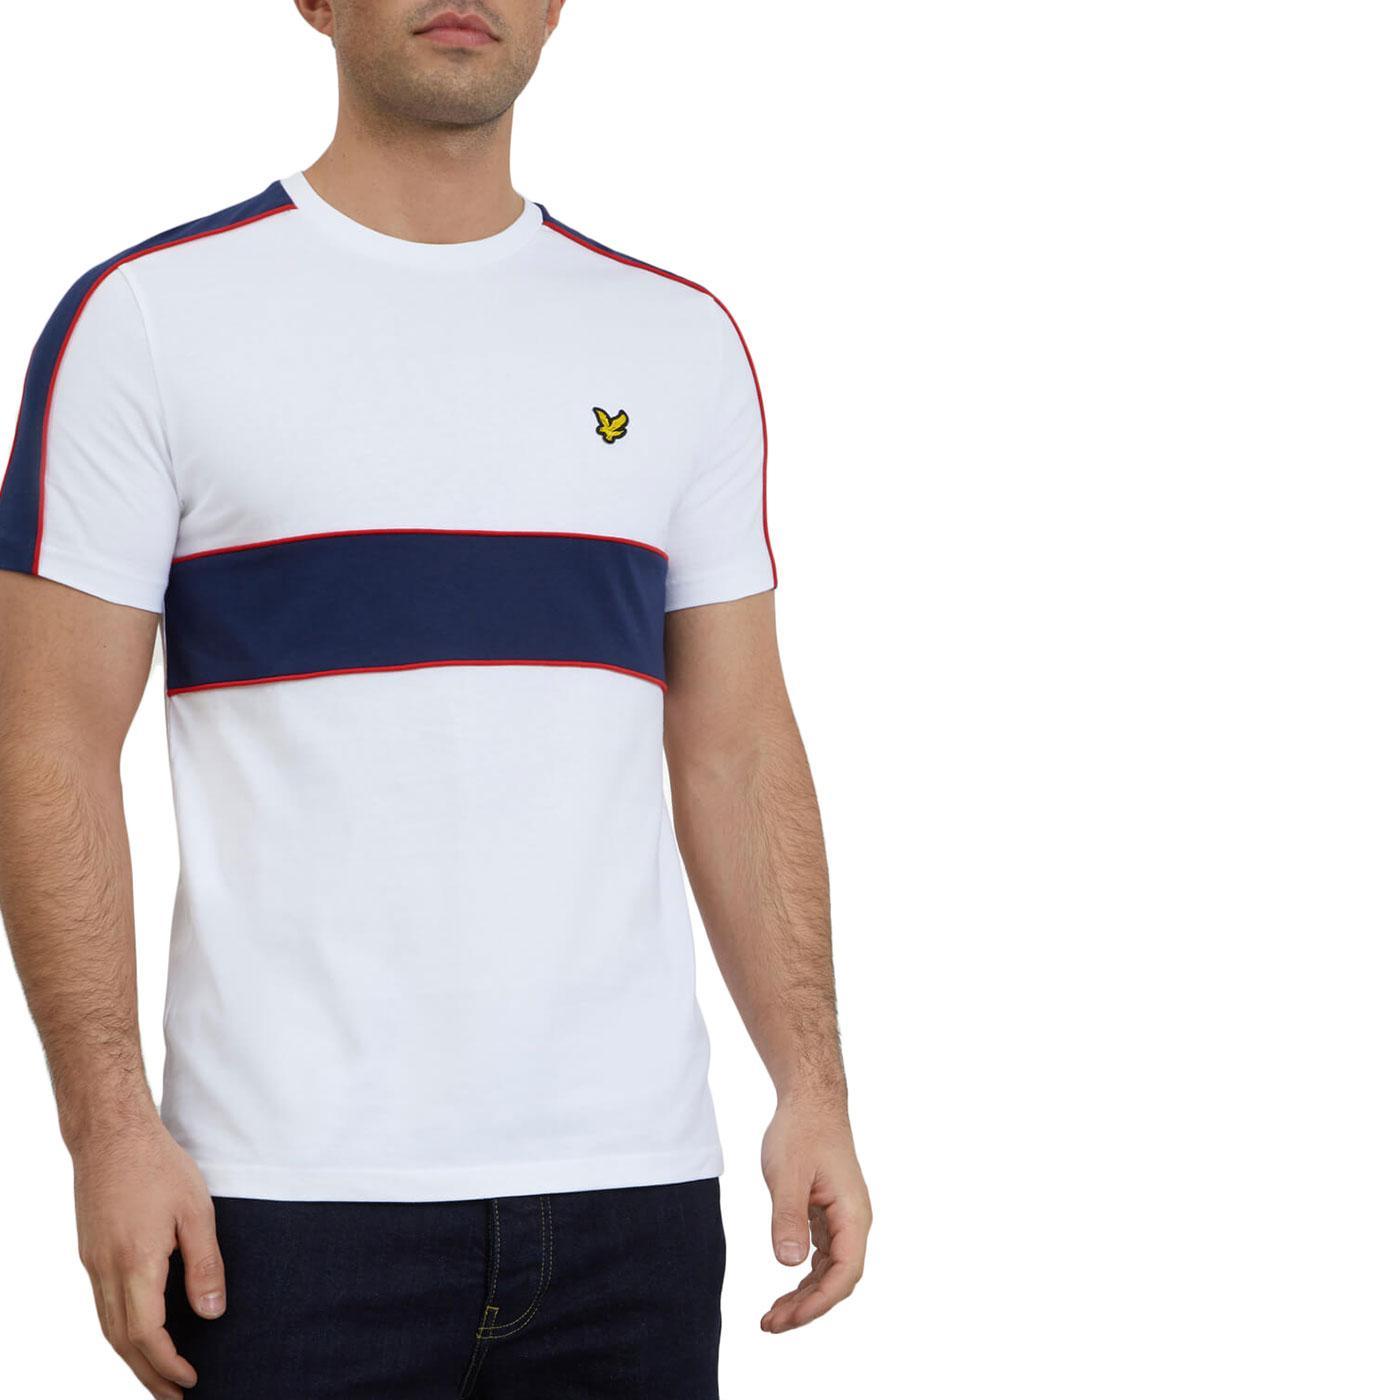 LYLE & SCOTT Cut & Sew Retro 80s T-shirt (White)